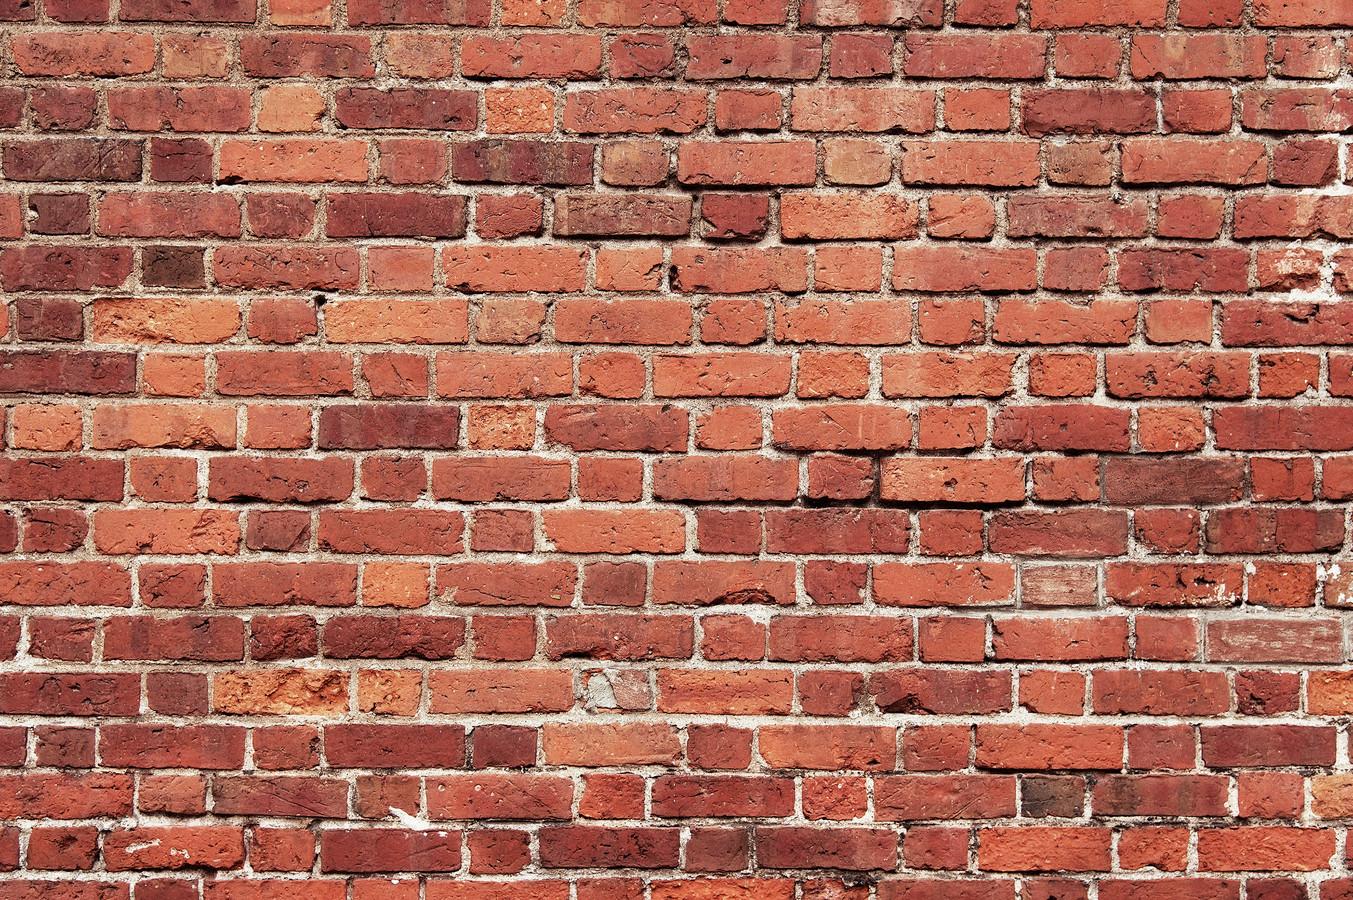 Stockfoto van een stenen muur.